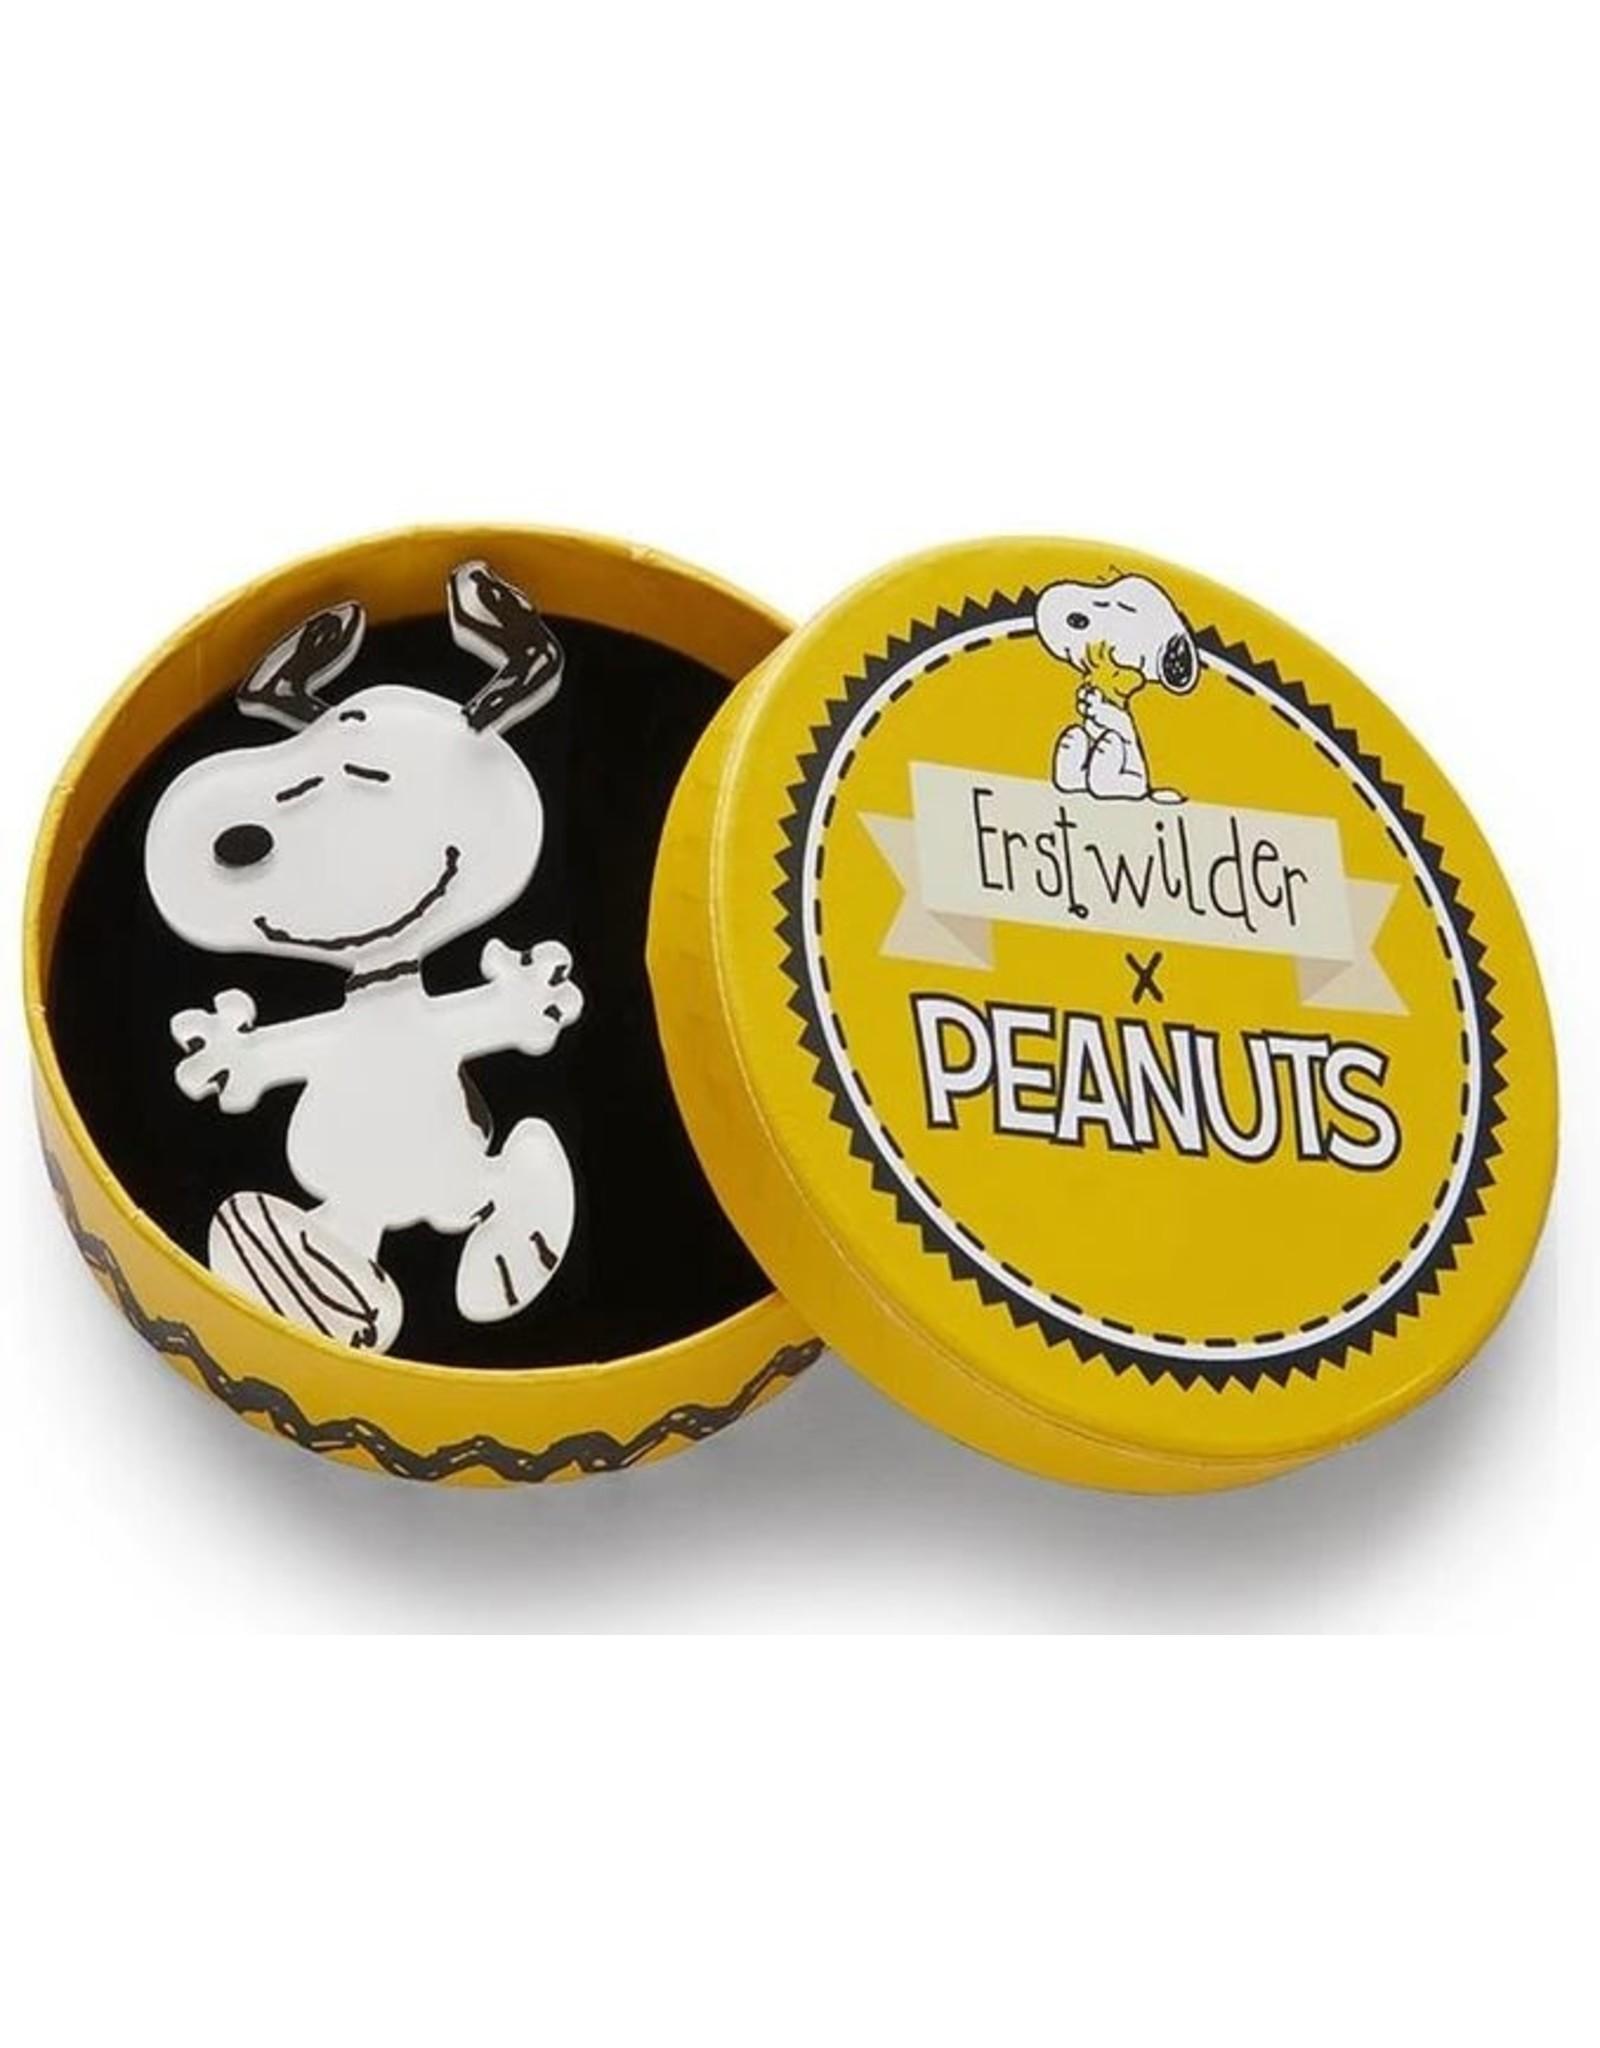 Erstwilder Erstwilder Peanuts Brooch Range Time To Dance